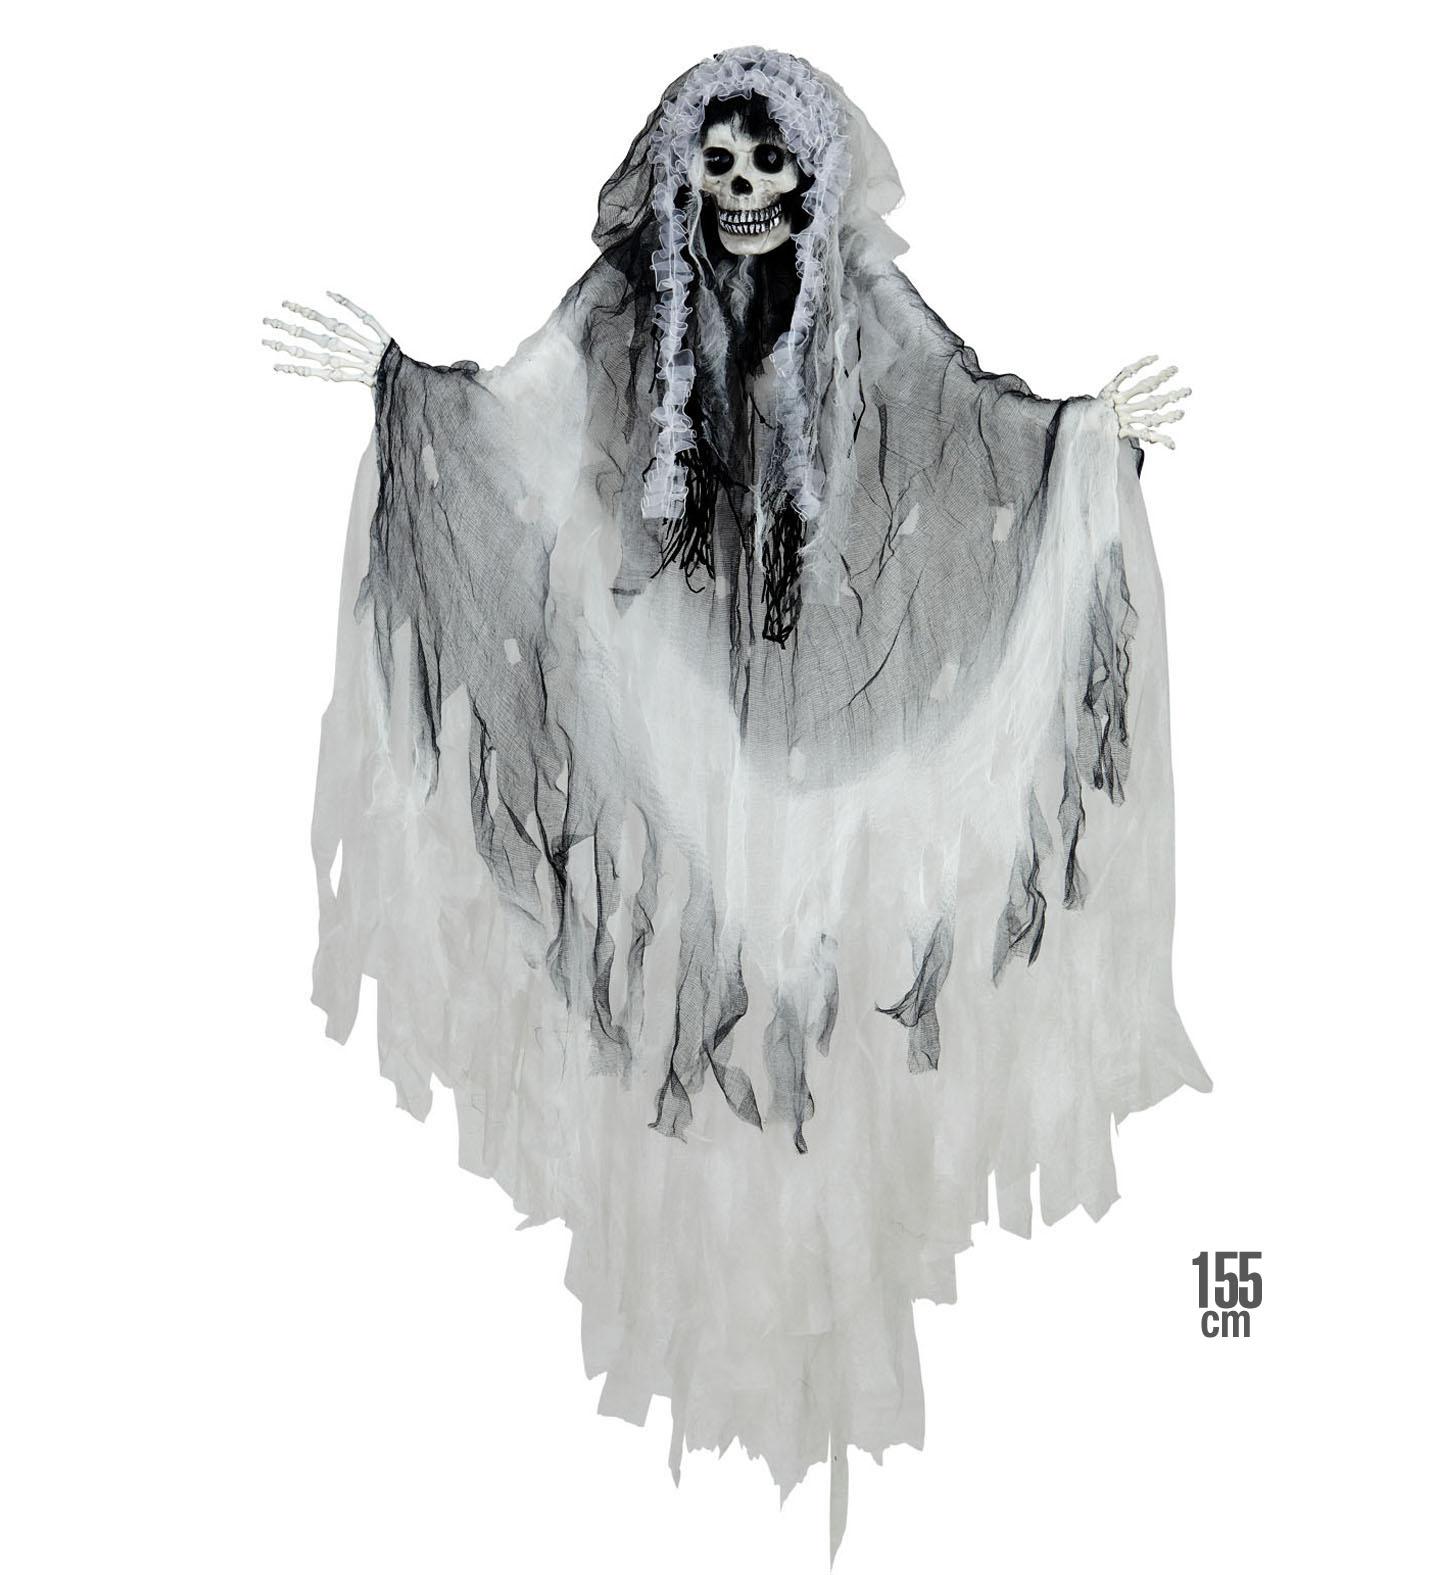 Διακοσμητικό Στοιχείο Τρόμου Σκελετός Με Ύφασμα 155cm